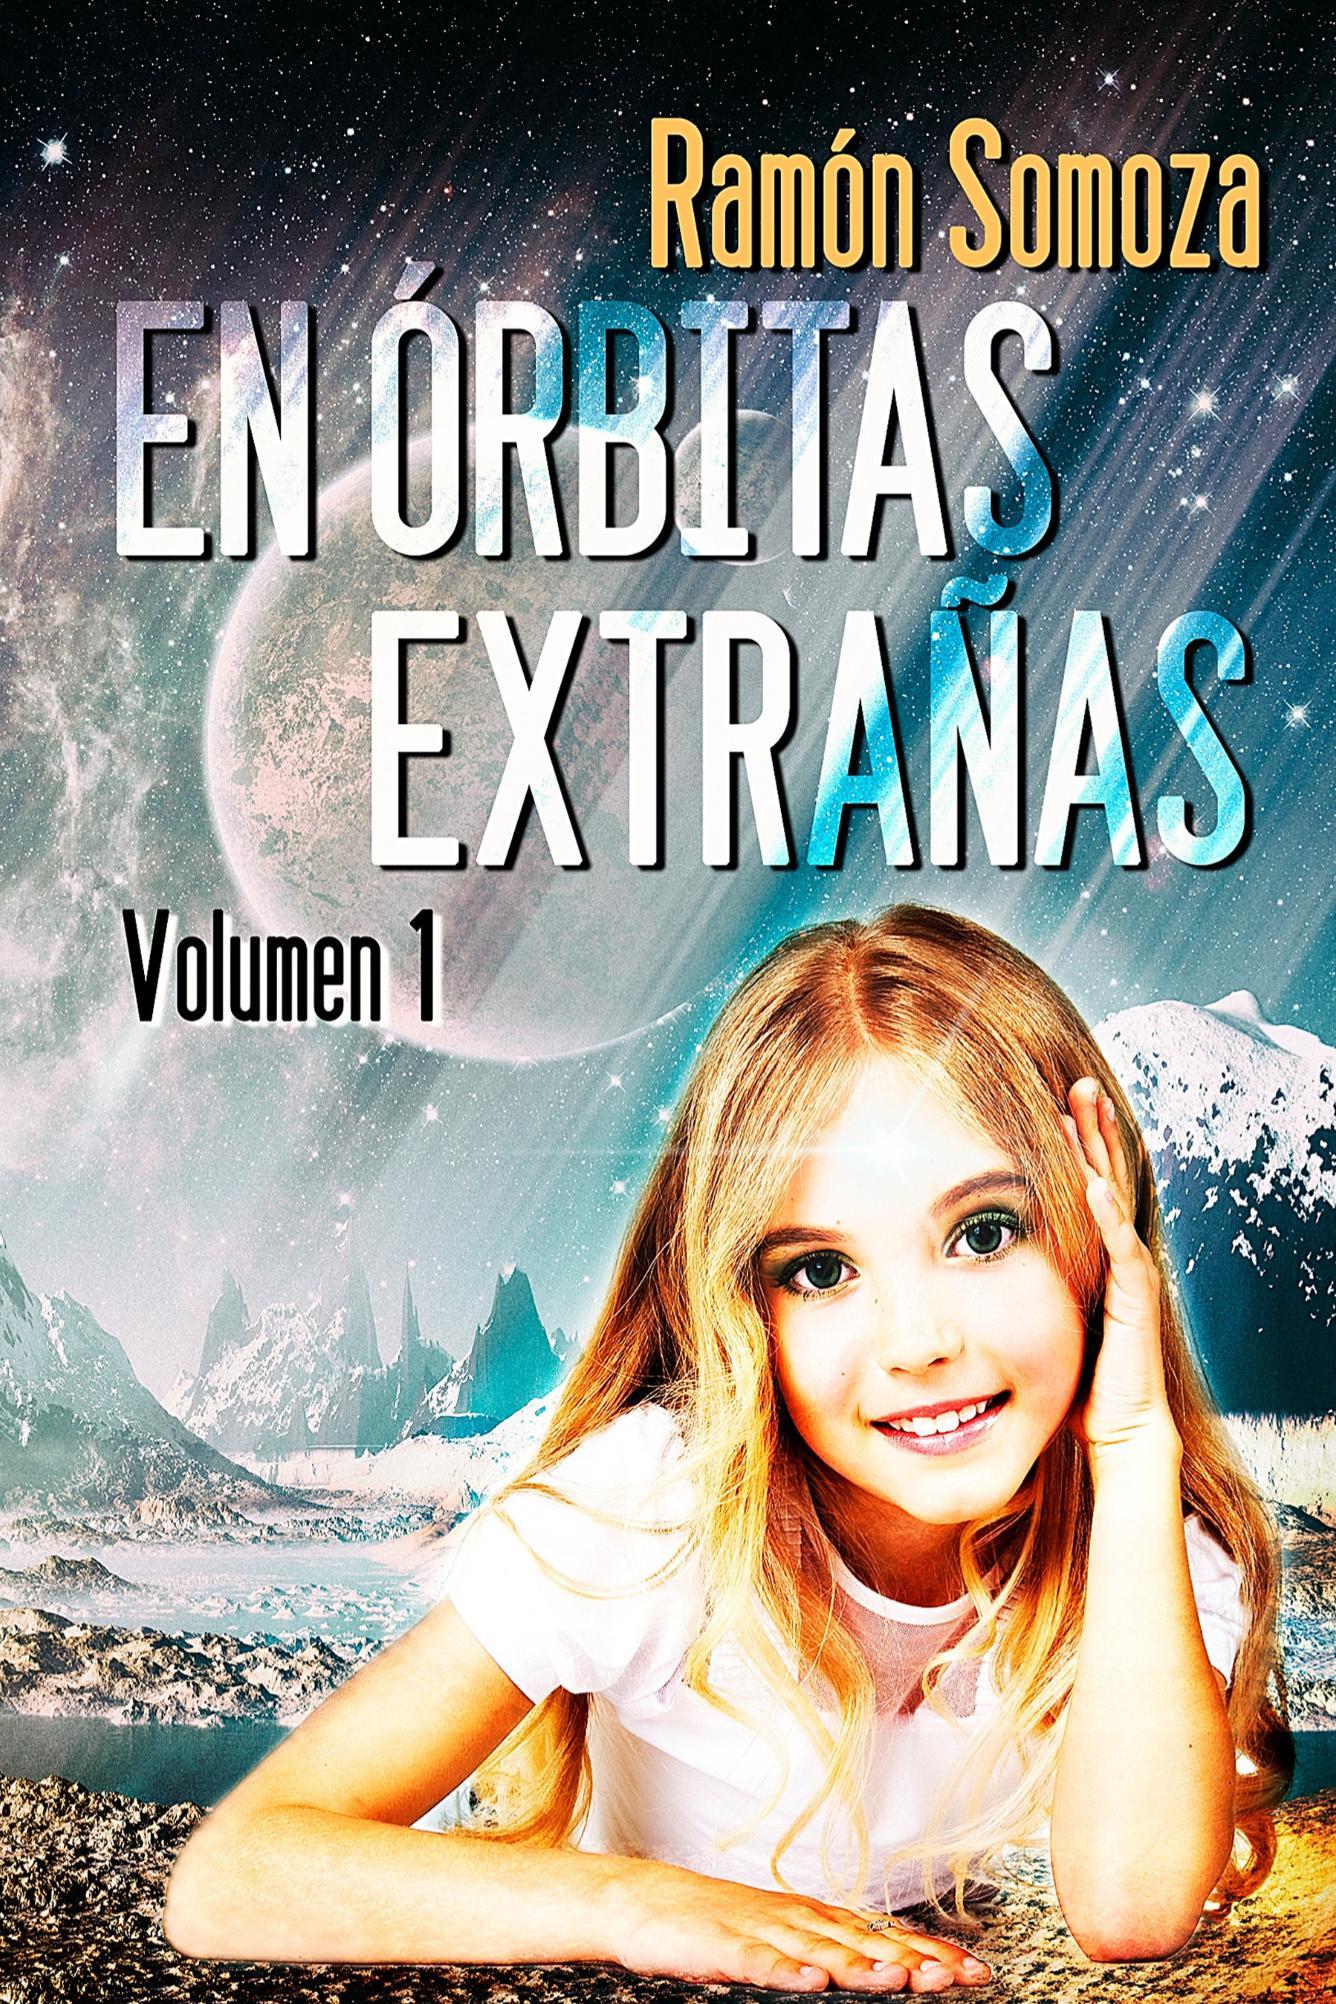 En órbitas extrañas - Vol. 1